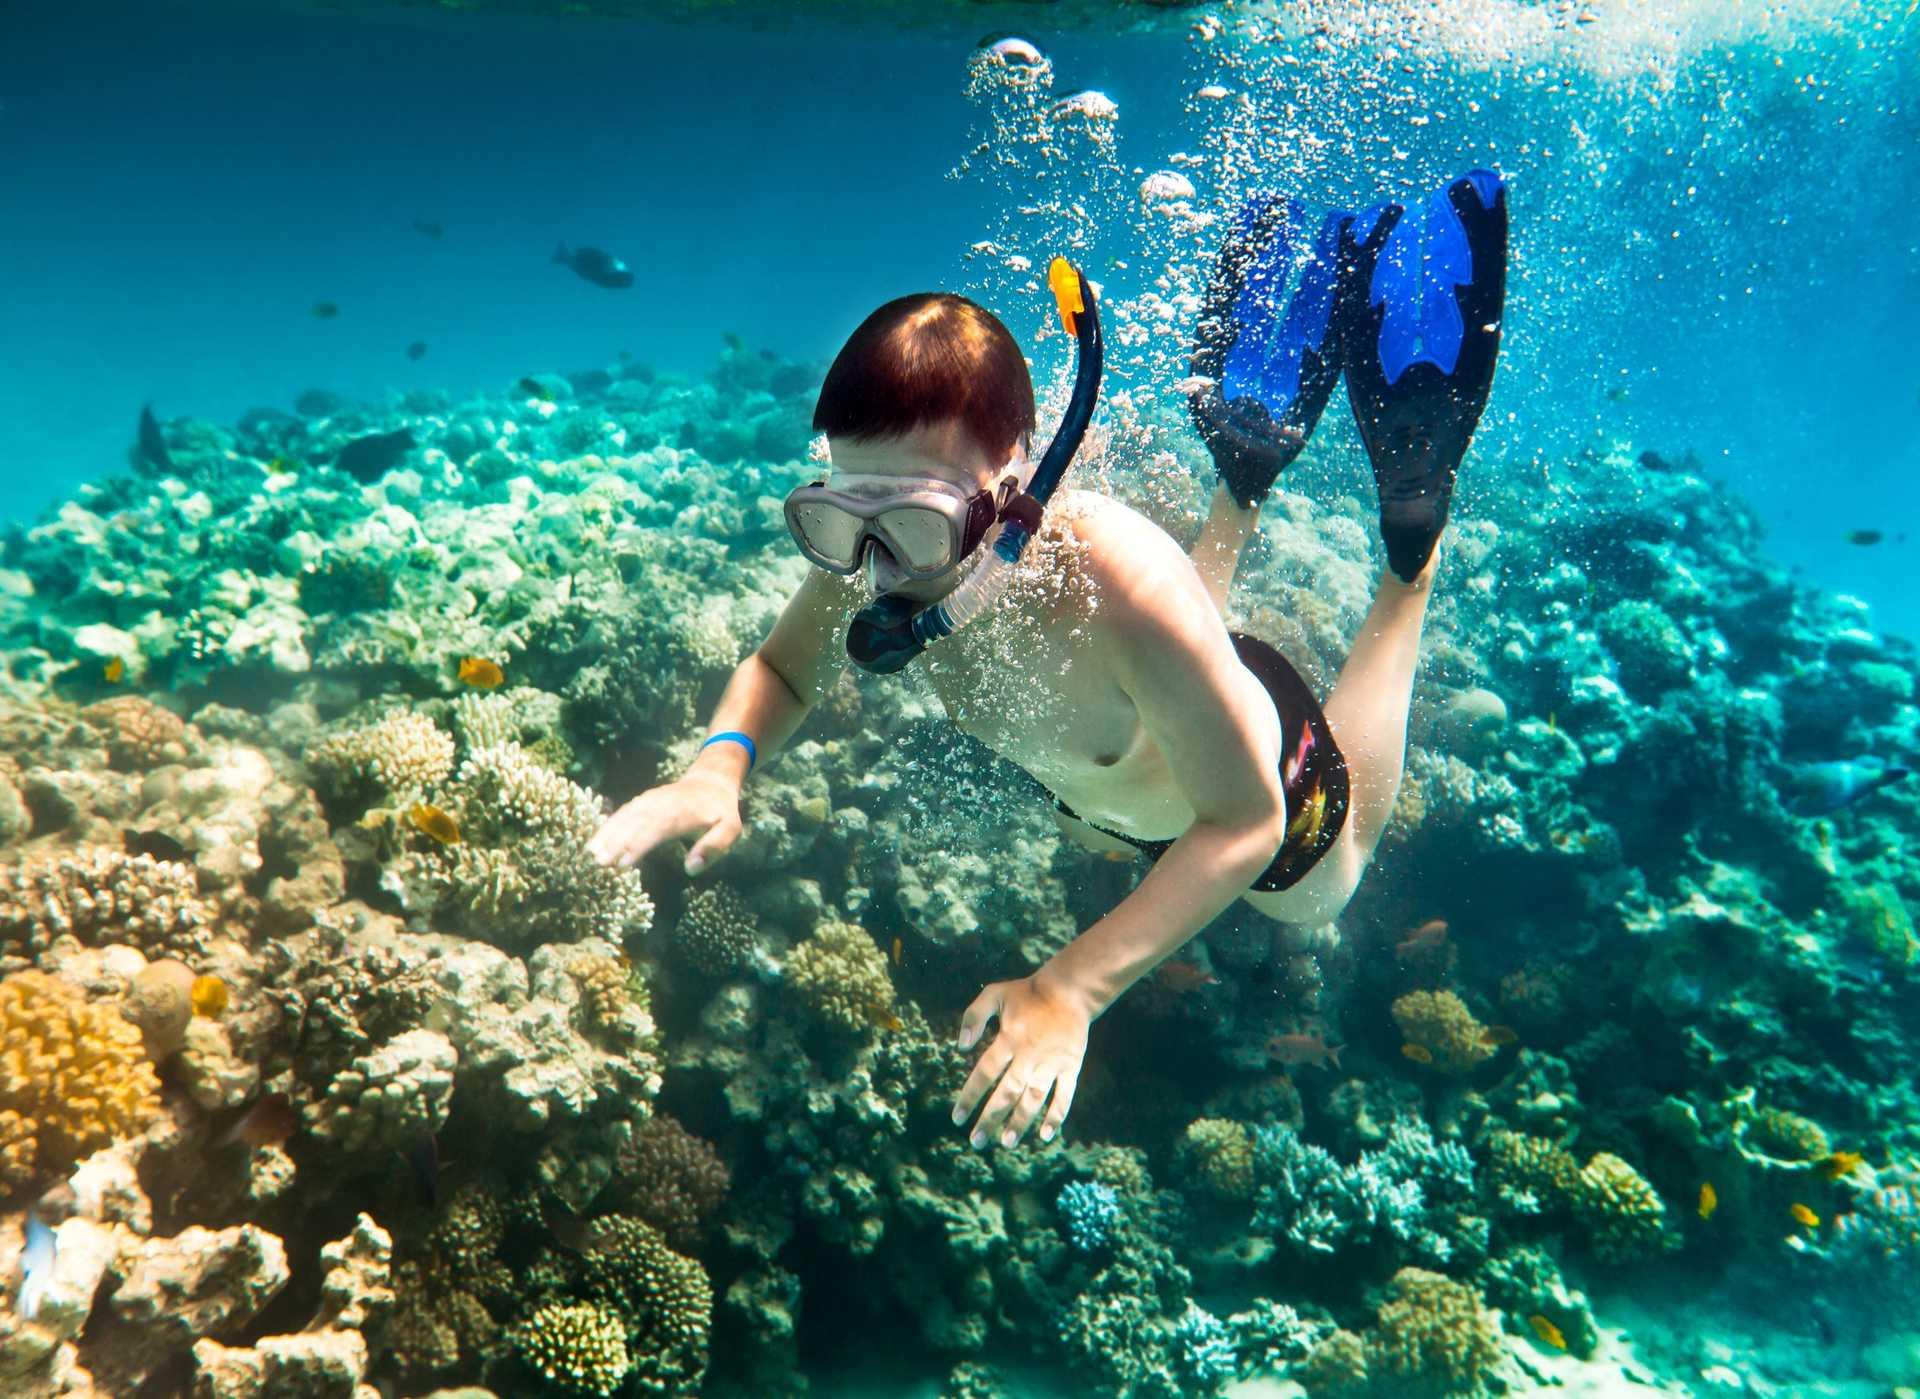 Enfant plongeant en apnée avec masque et tuba